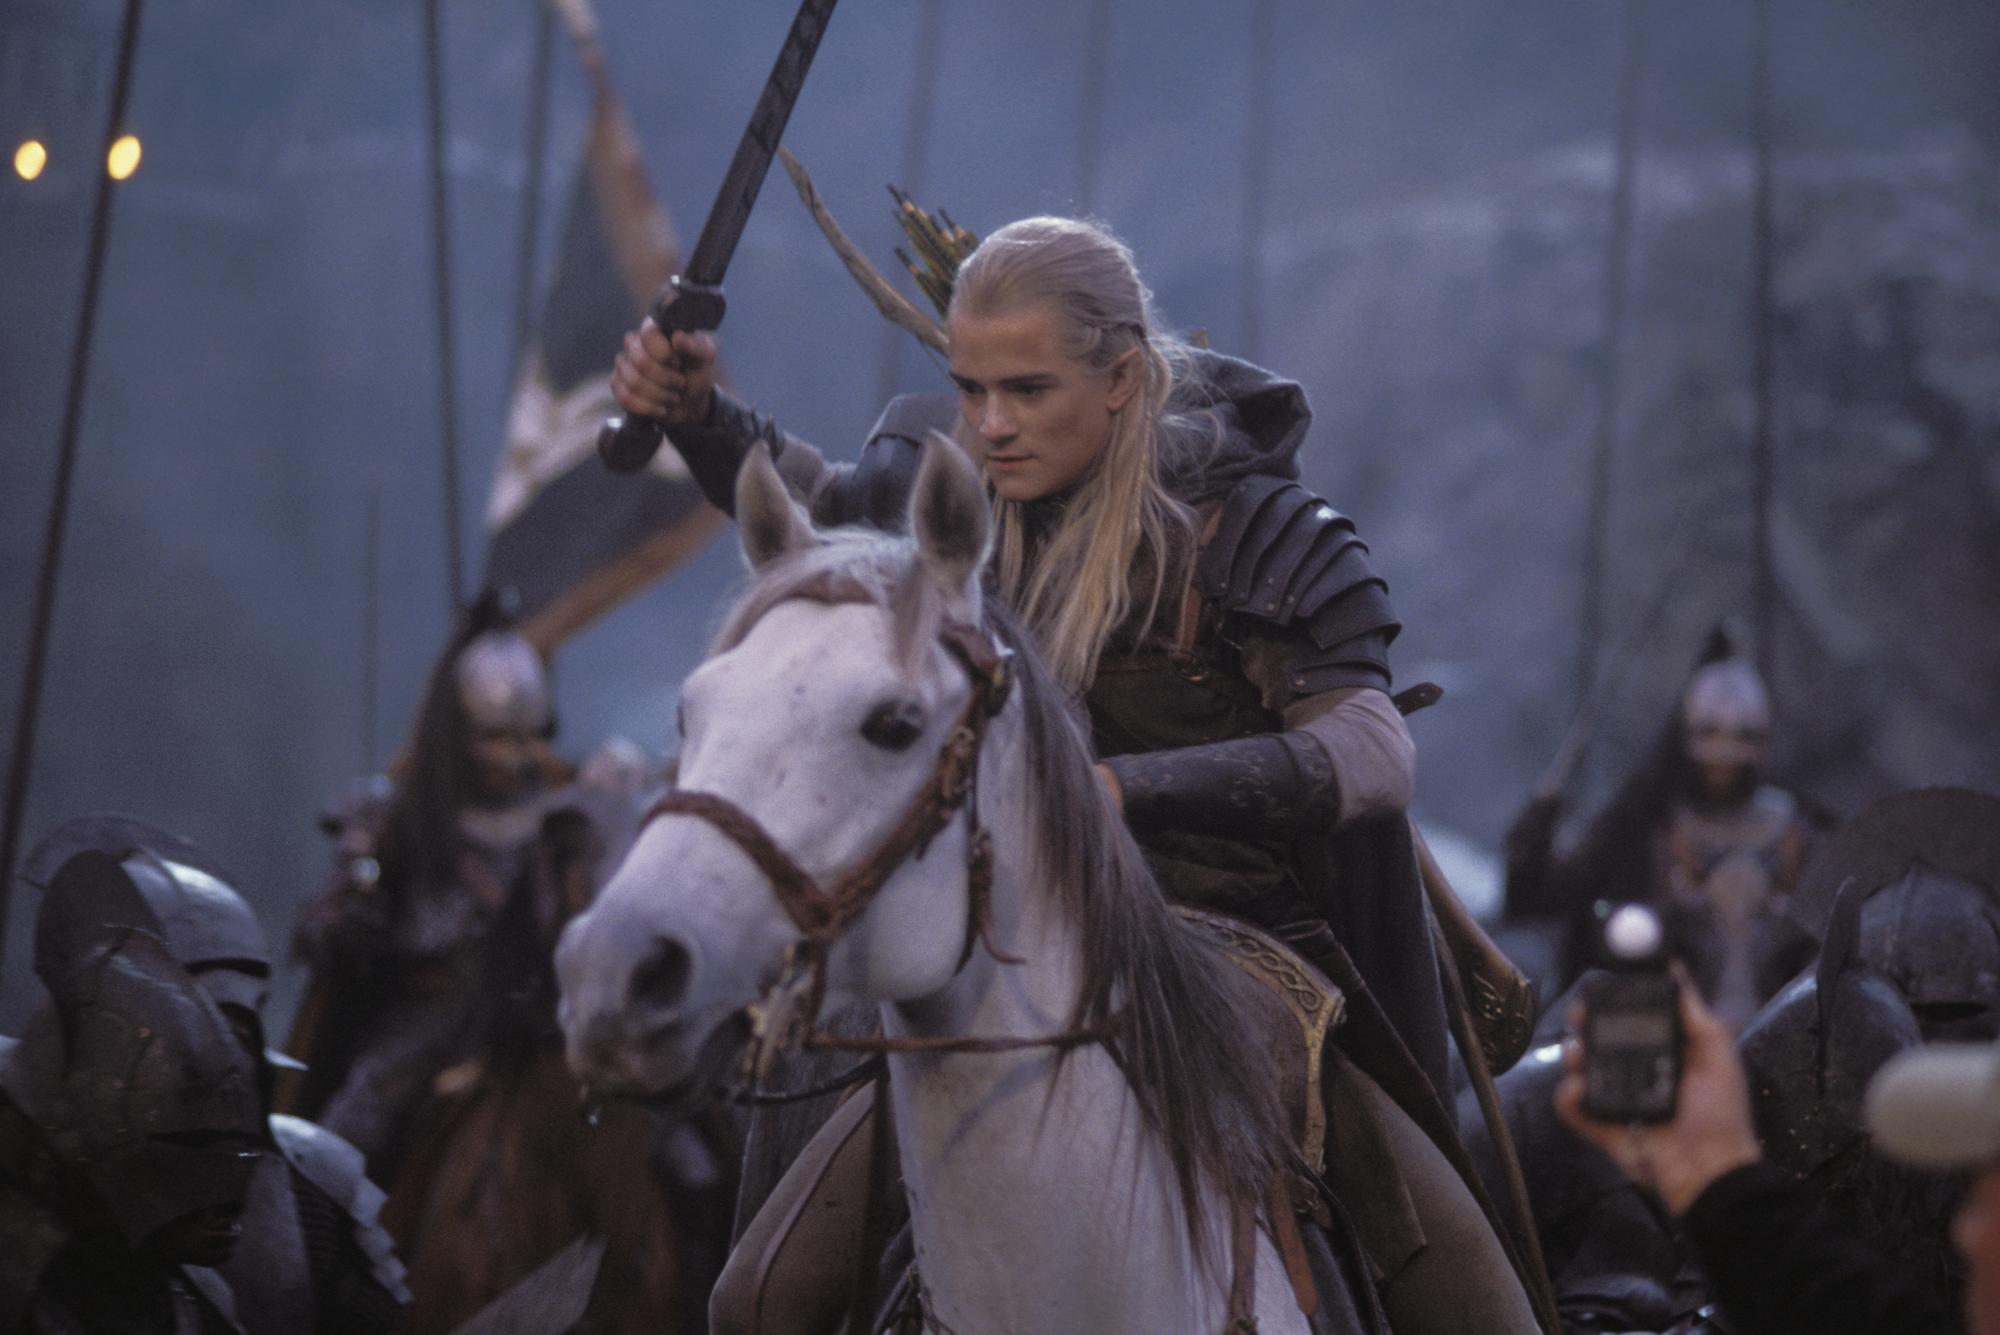 Le Seigneur des Anneaux / The Hobbit #3 26419300000001